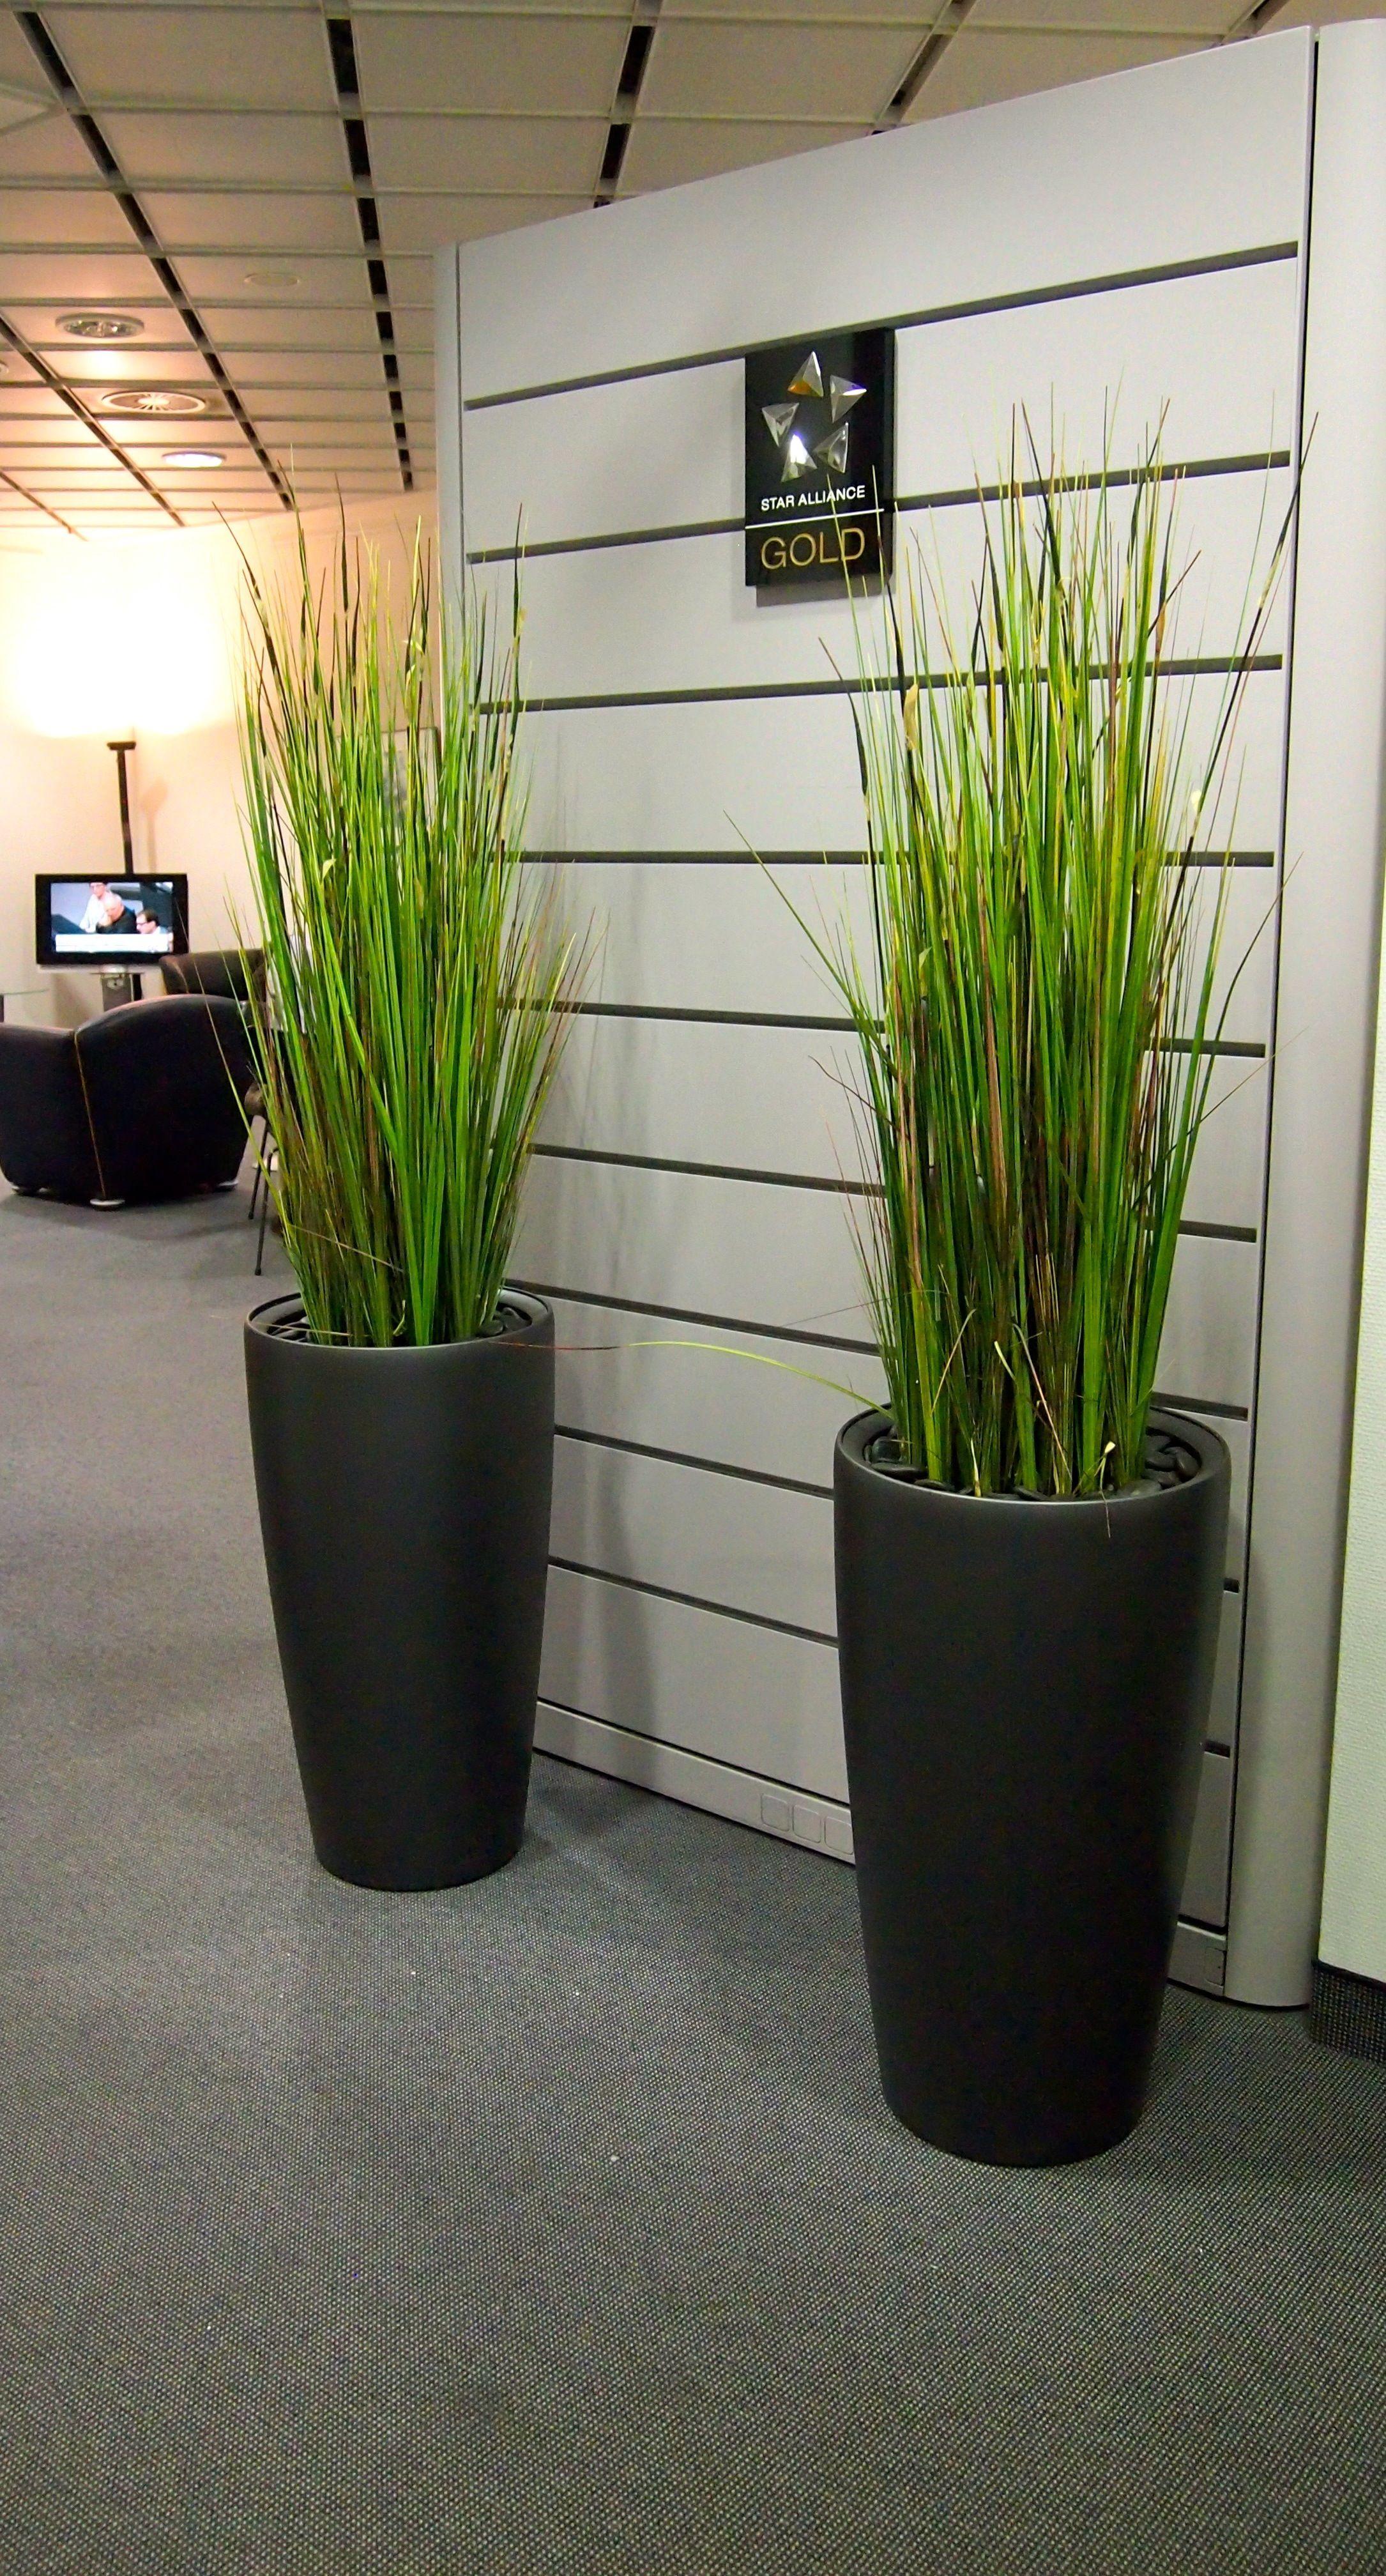 Kunstliche Raumgestaltung Von Bellaplanta Innovative Innenraumbegrunung Kunstpflanzen Arrangement Buroraum Kre Kunstliche Pflanzen Kunstpflanzen Pflanzen